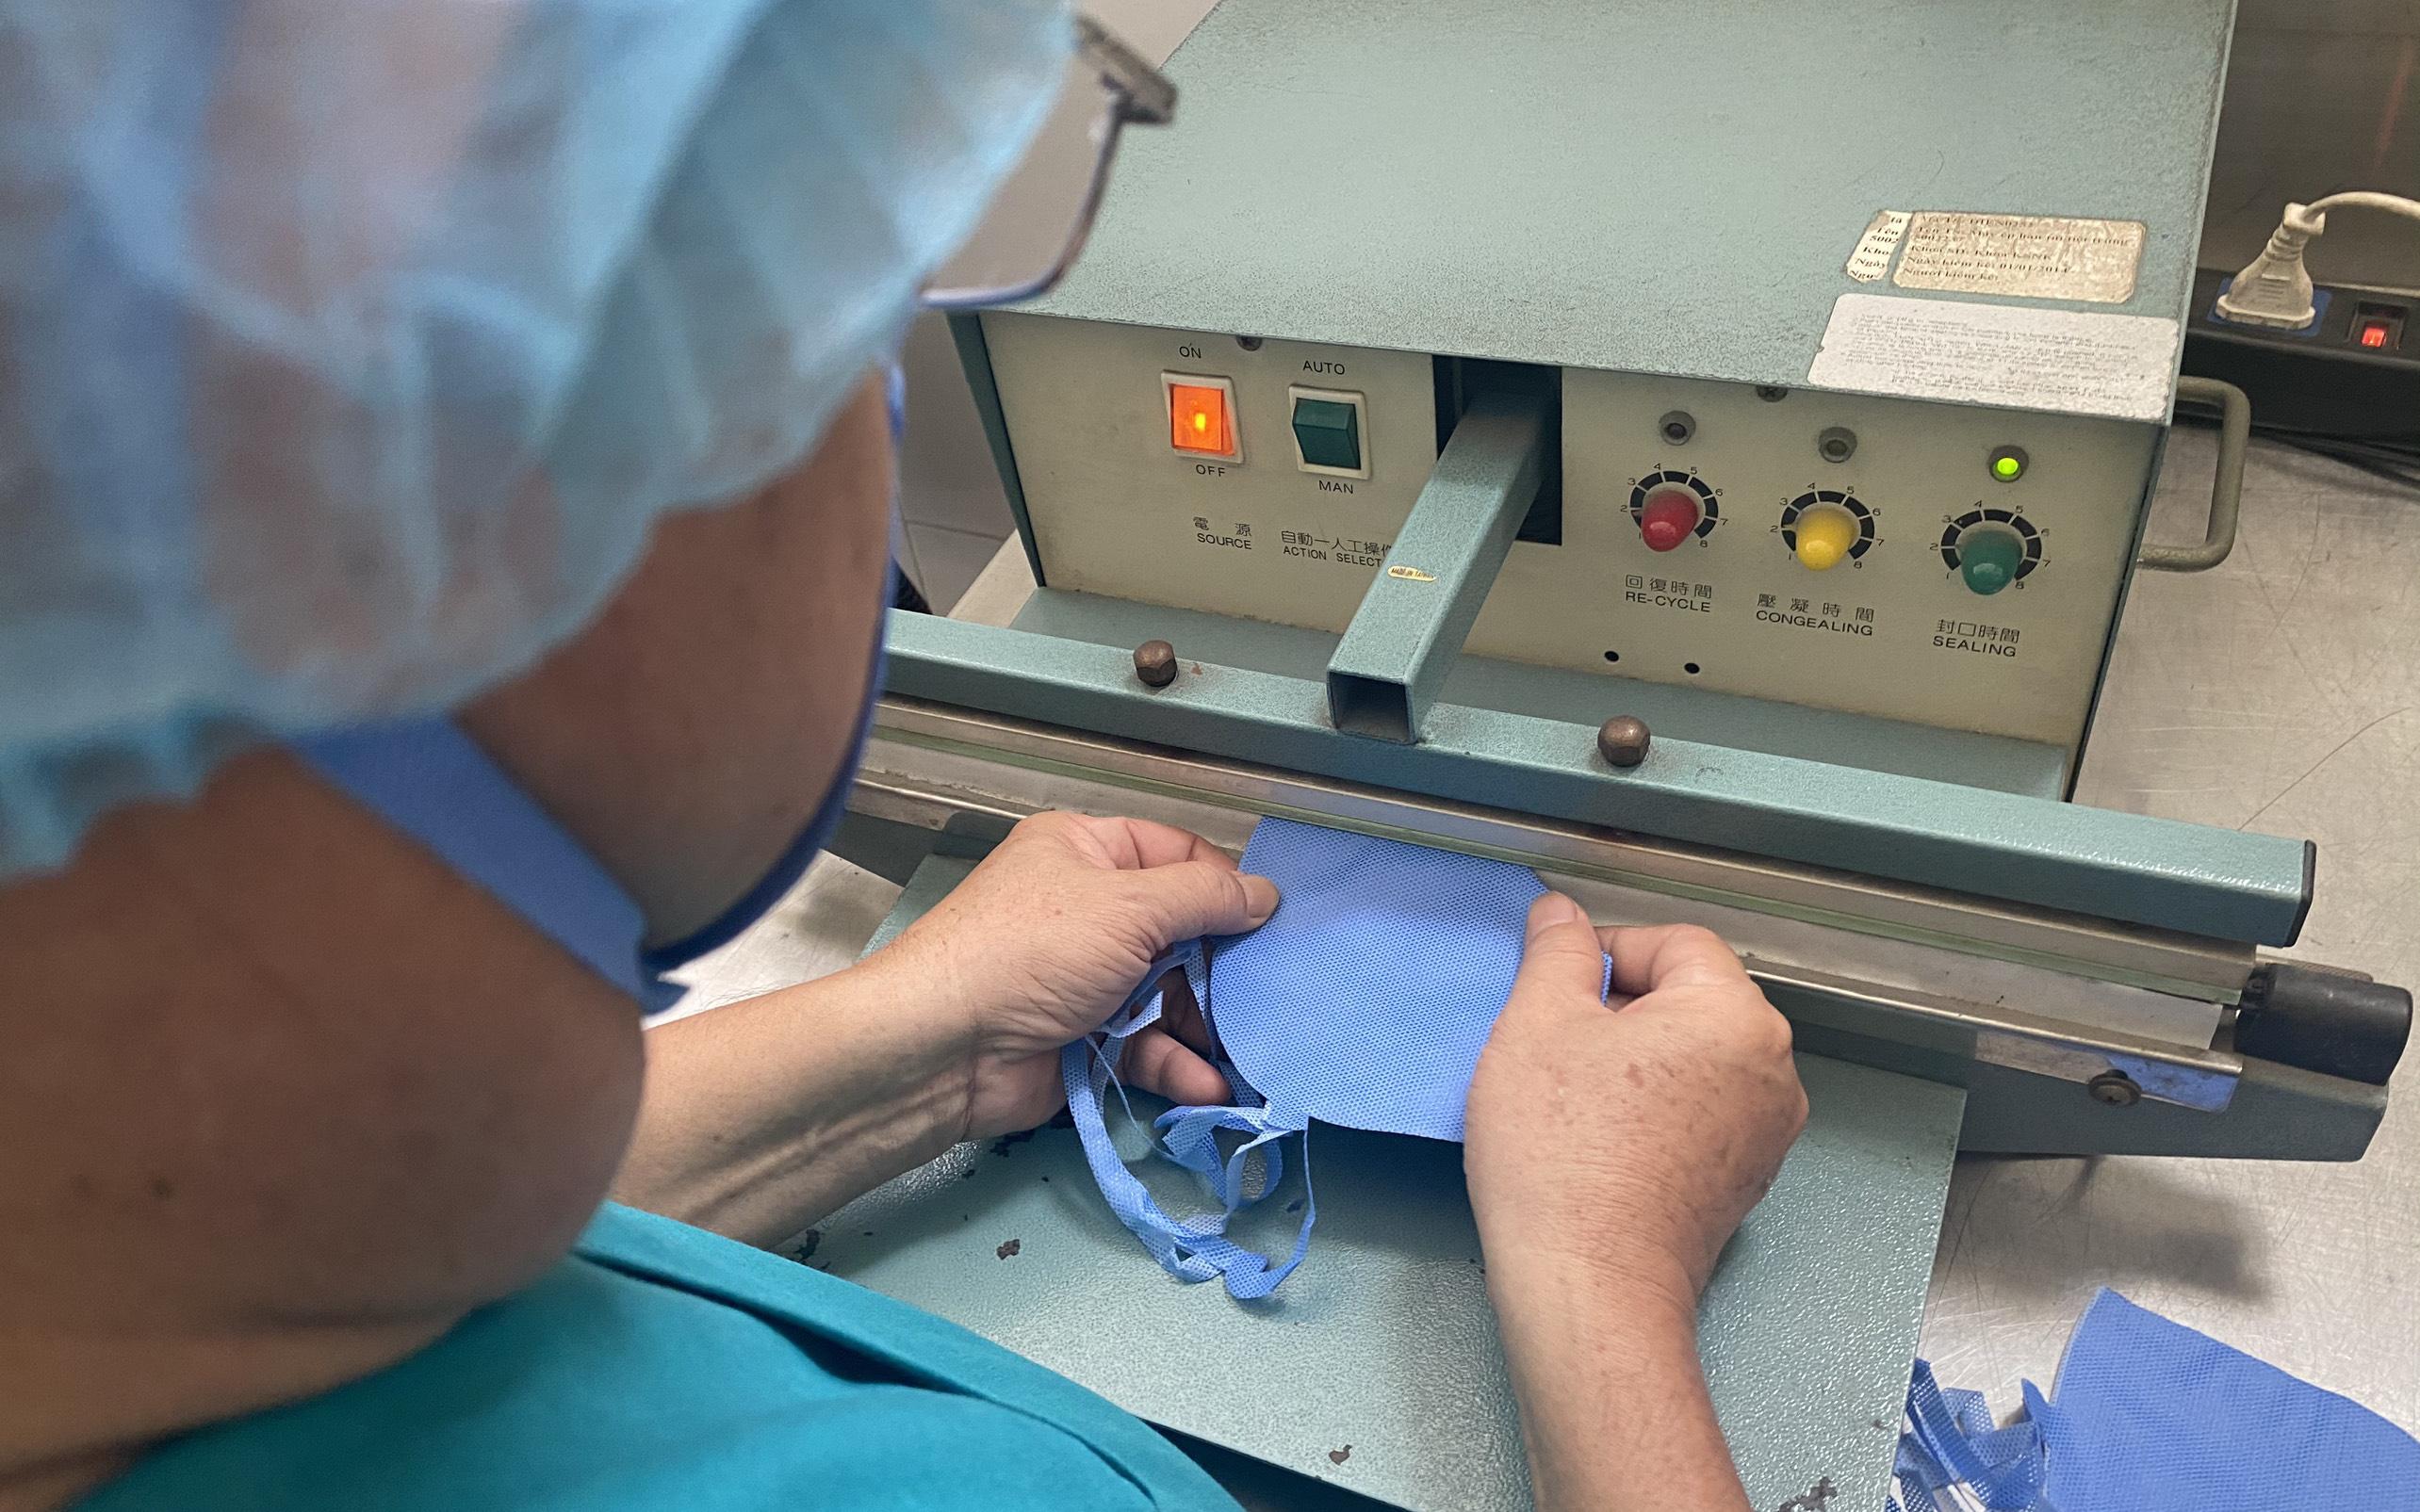 Bệnh viện ở TP.HCM tự chế khuôn dập khẩu trang, làm 3.000 cái mỗi ngày để bác sĩ dùng trong mùa dịch Covid-19